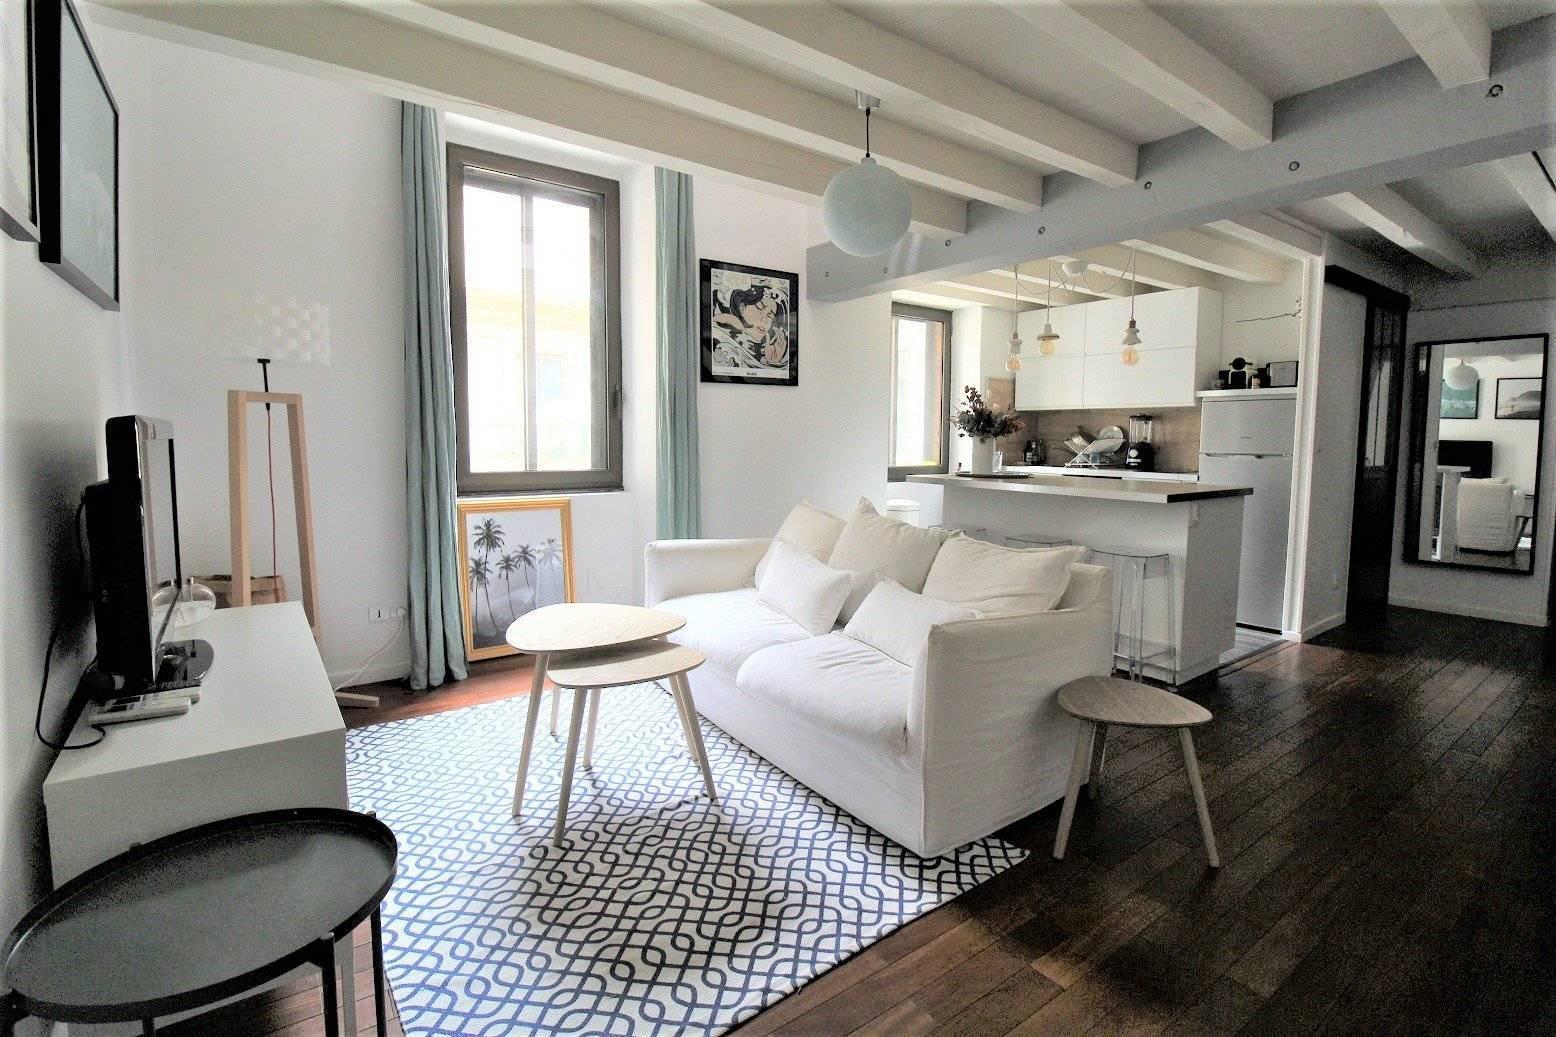 Living-room Wooden floor Kitchen bar